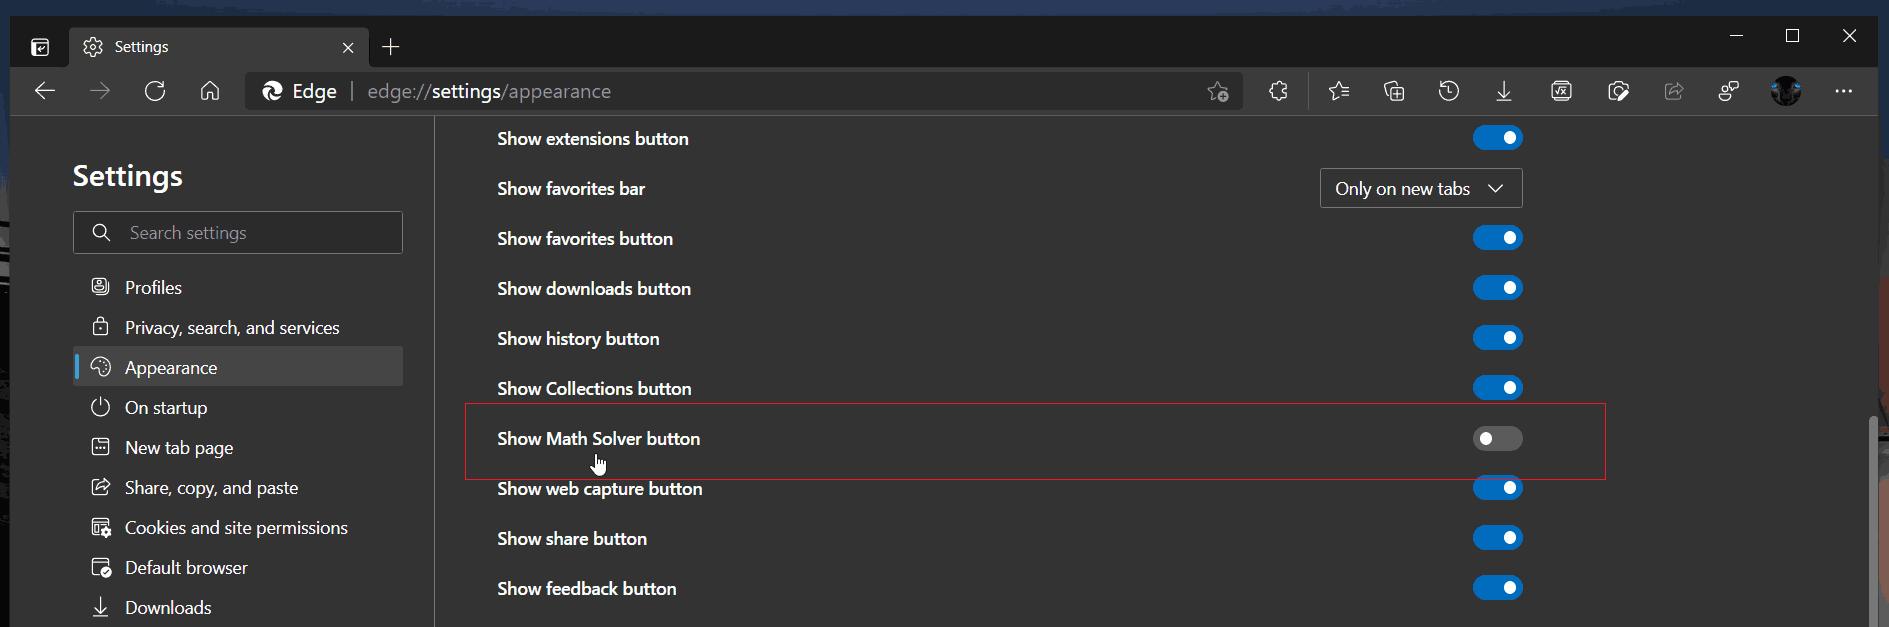 Remove Math Solver Button In Edge